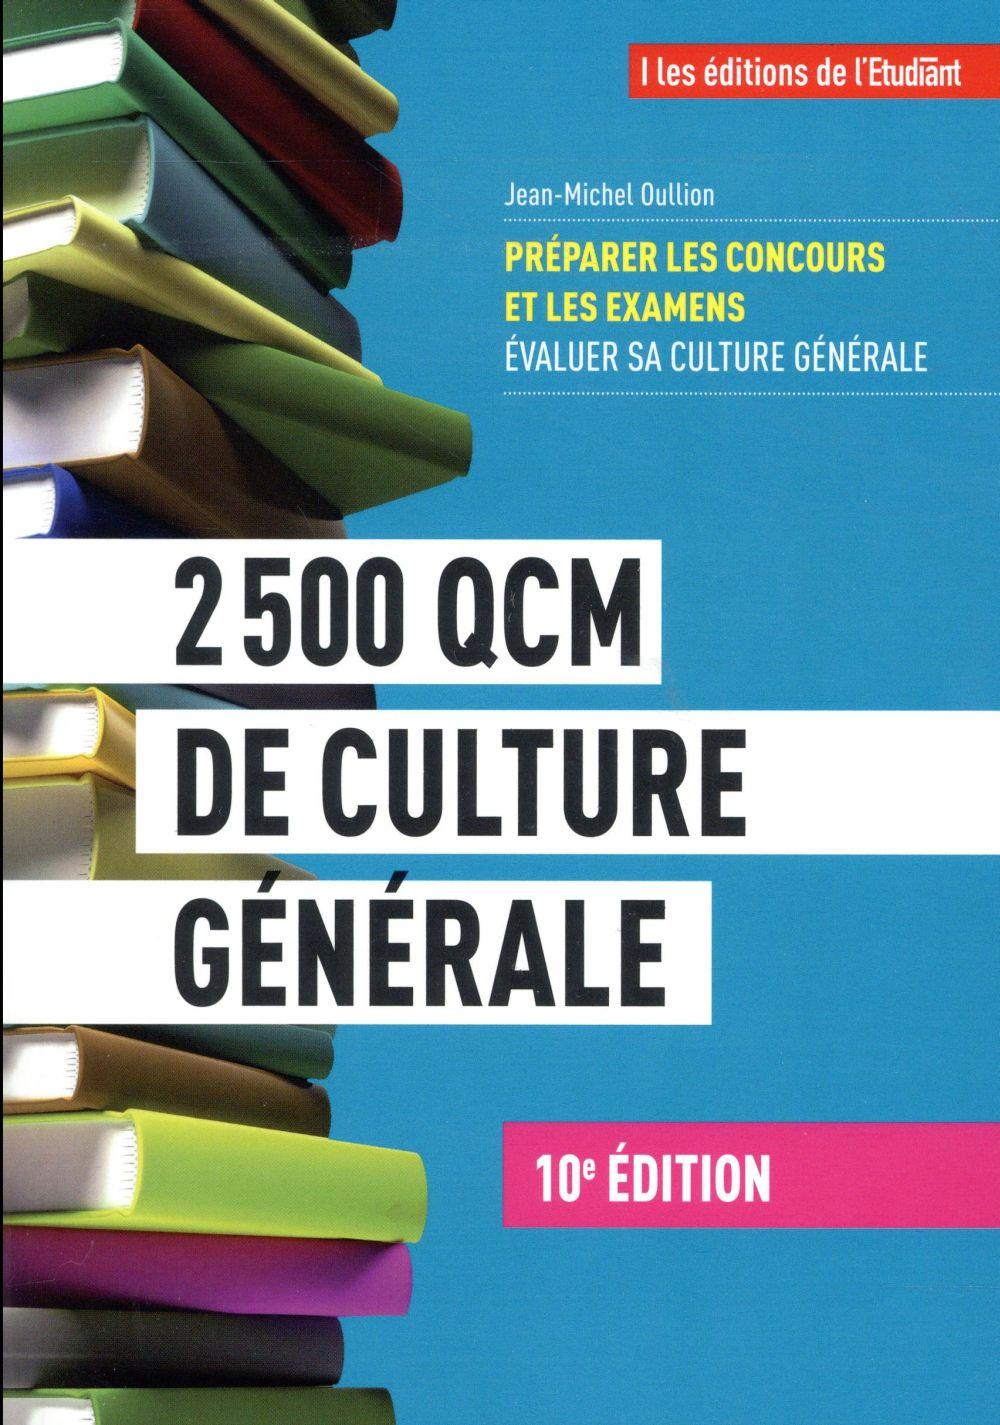 2500 QCM DE CULTURE GENERALE